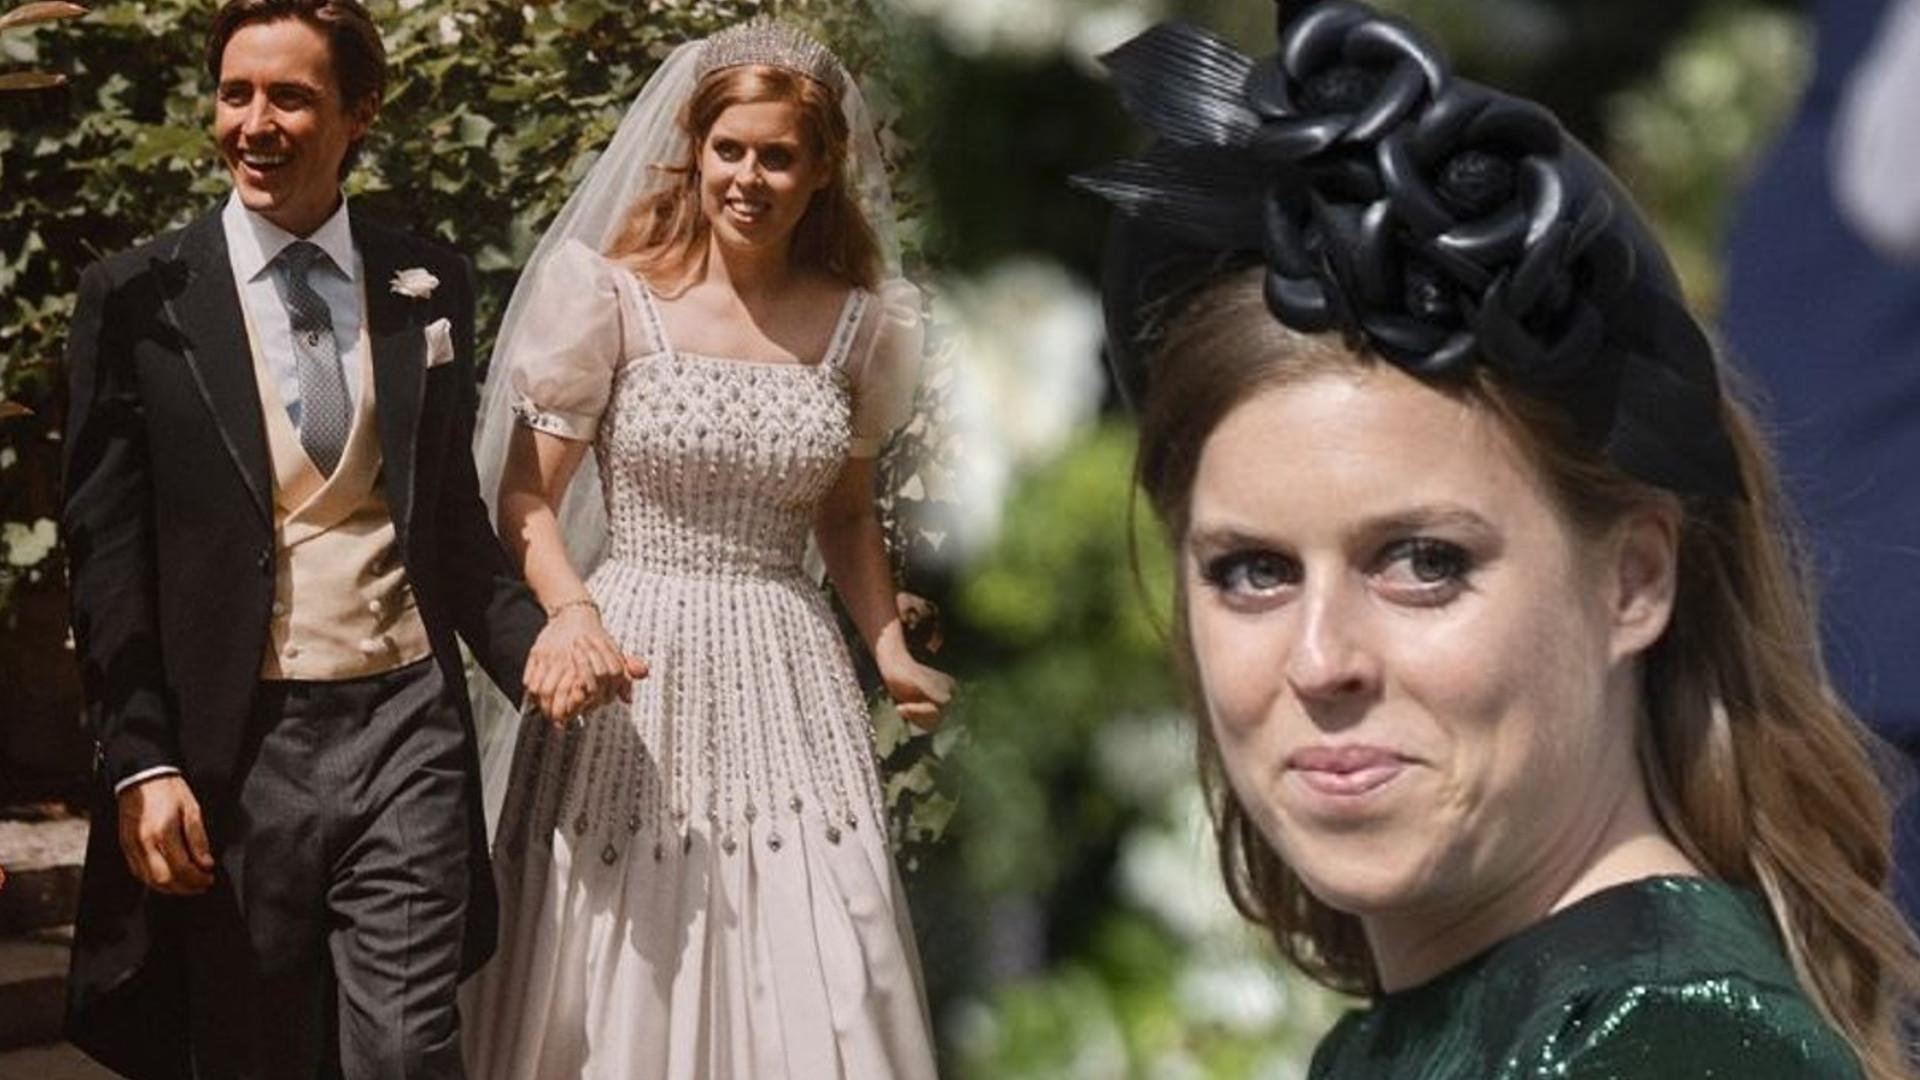 Jak wygląda miesiąc miodowy Księżniczki Beatrice i jej świeżo poślubionego małżonka?